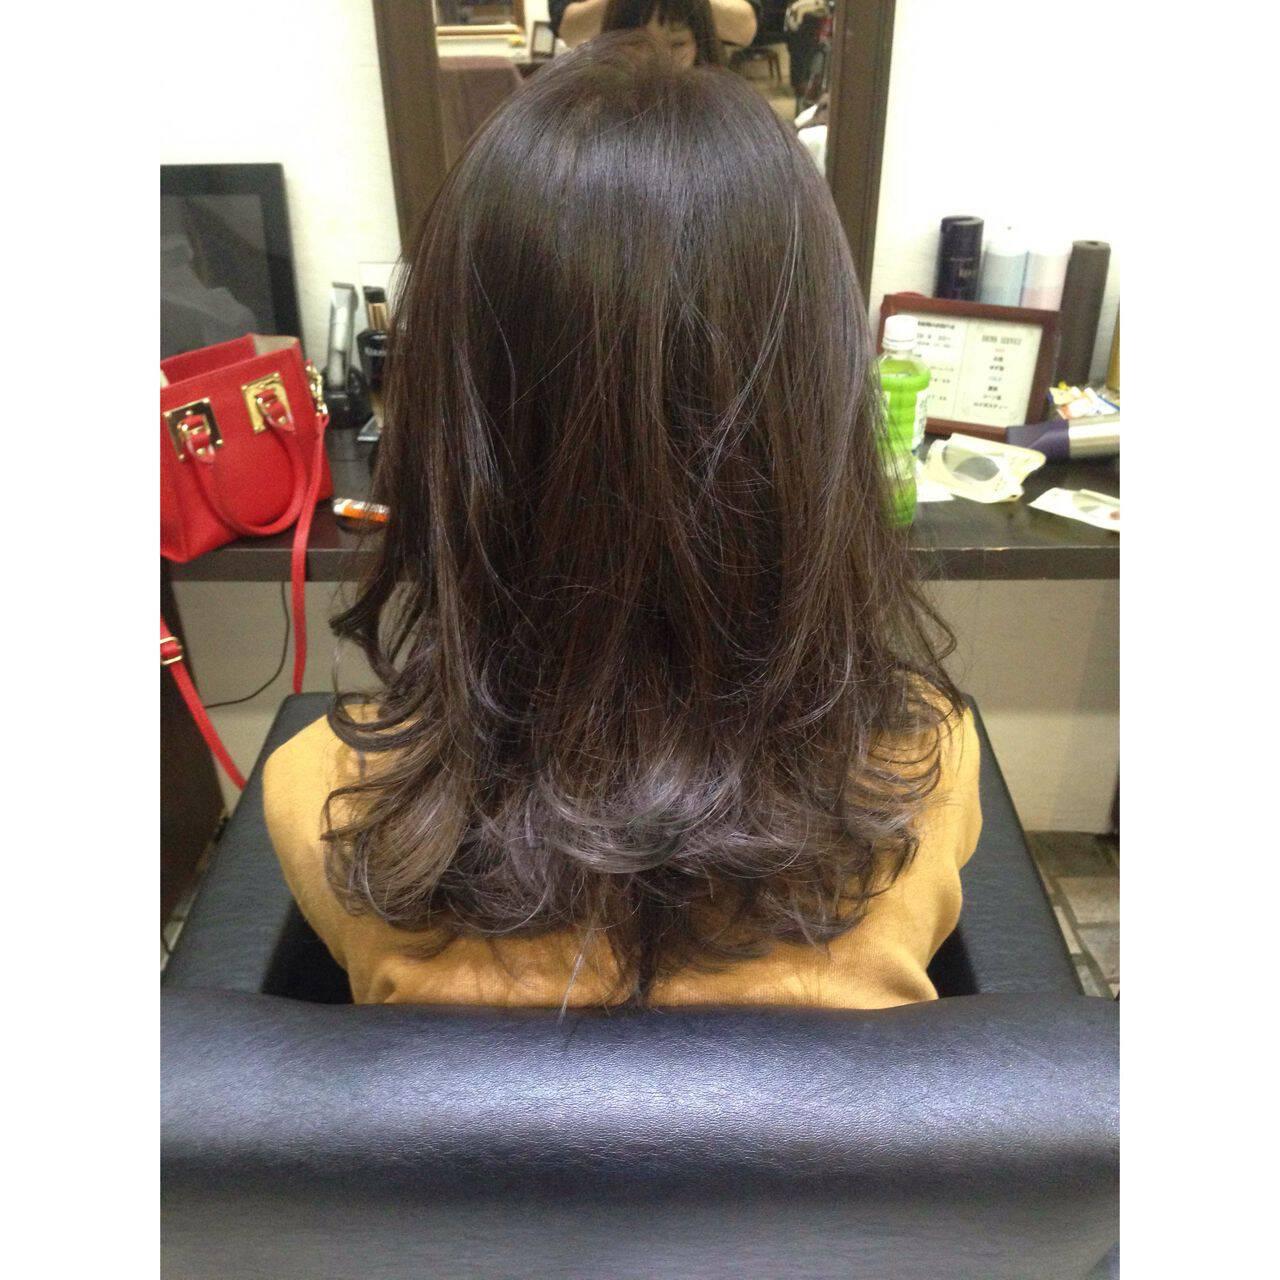 ラベンダーアッシュ 外国人風 ミディアム グレージュヘアスタイルや髪型の写真・画像